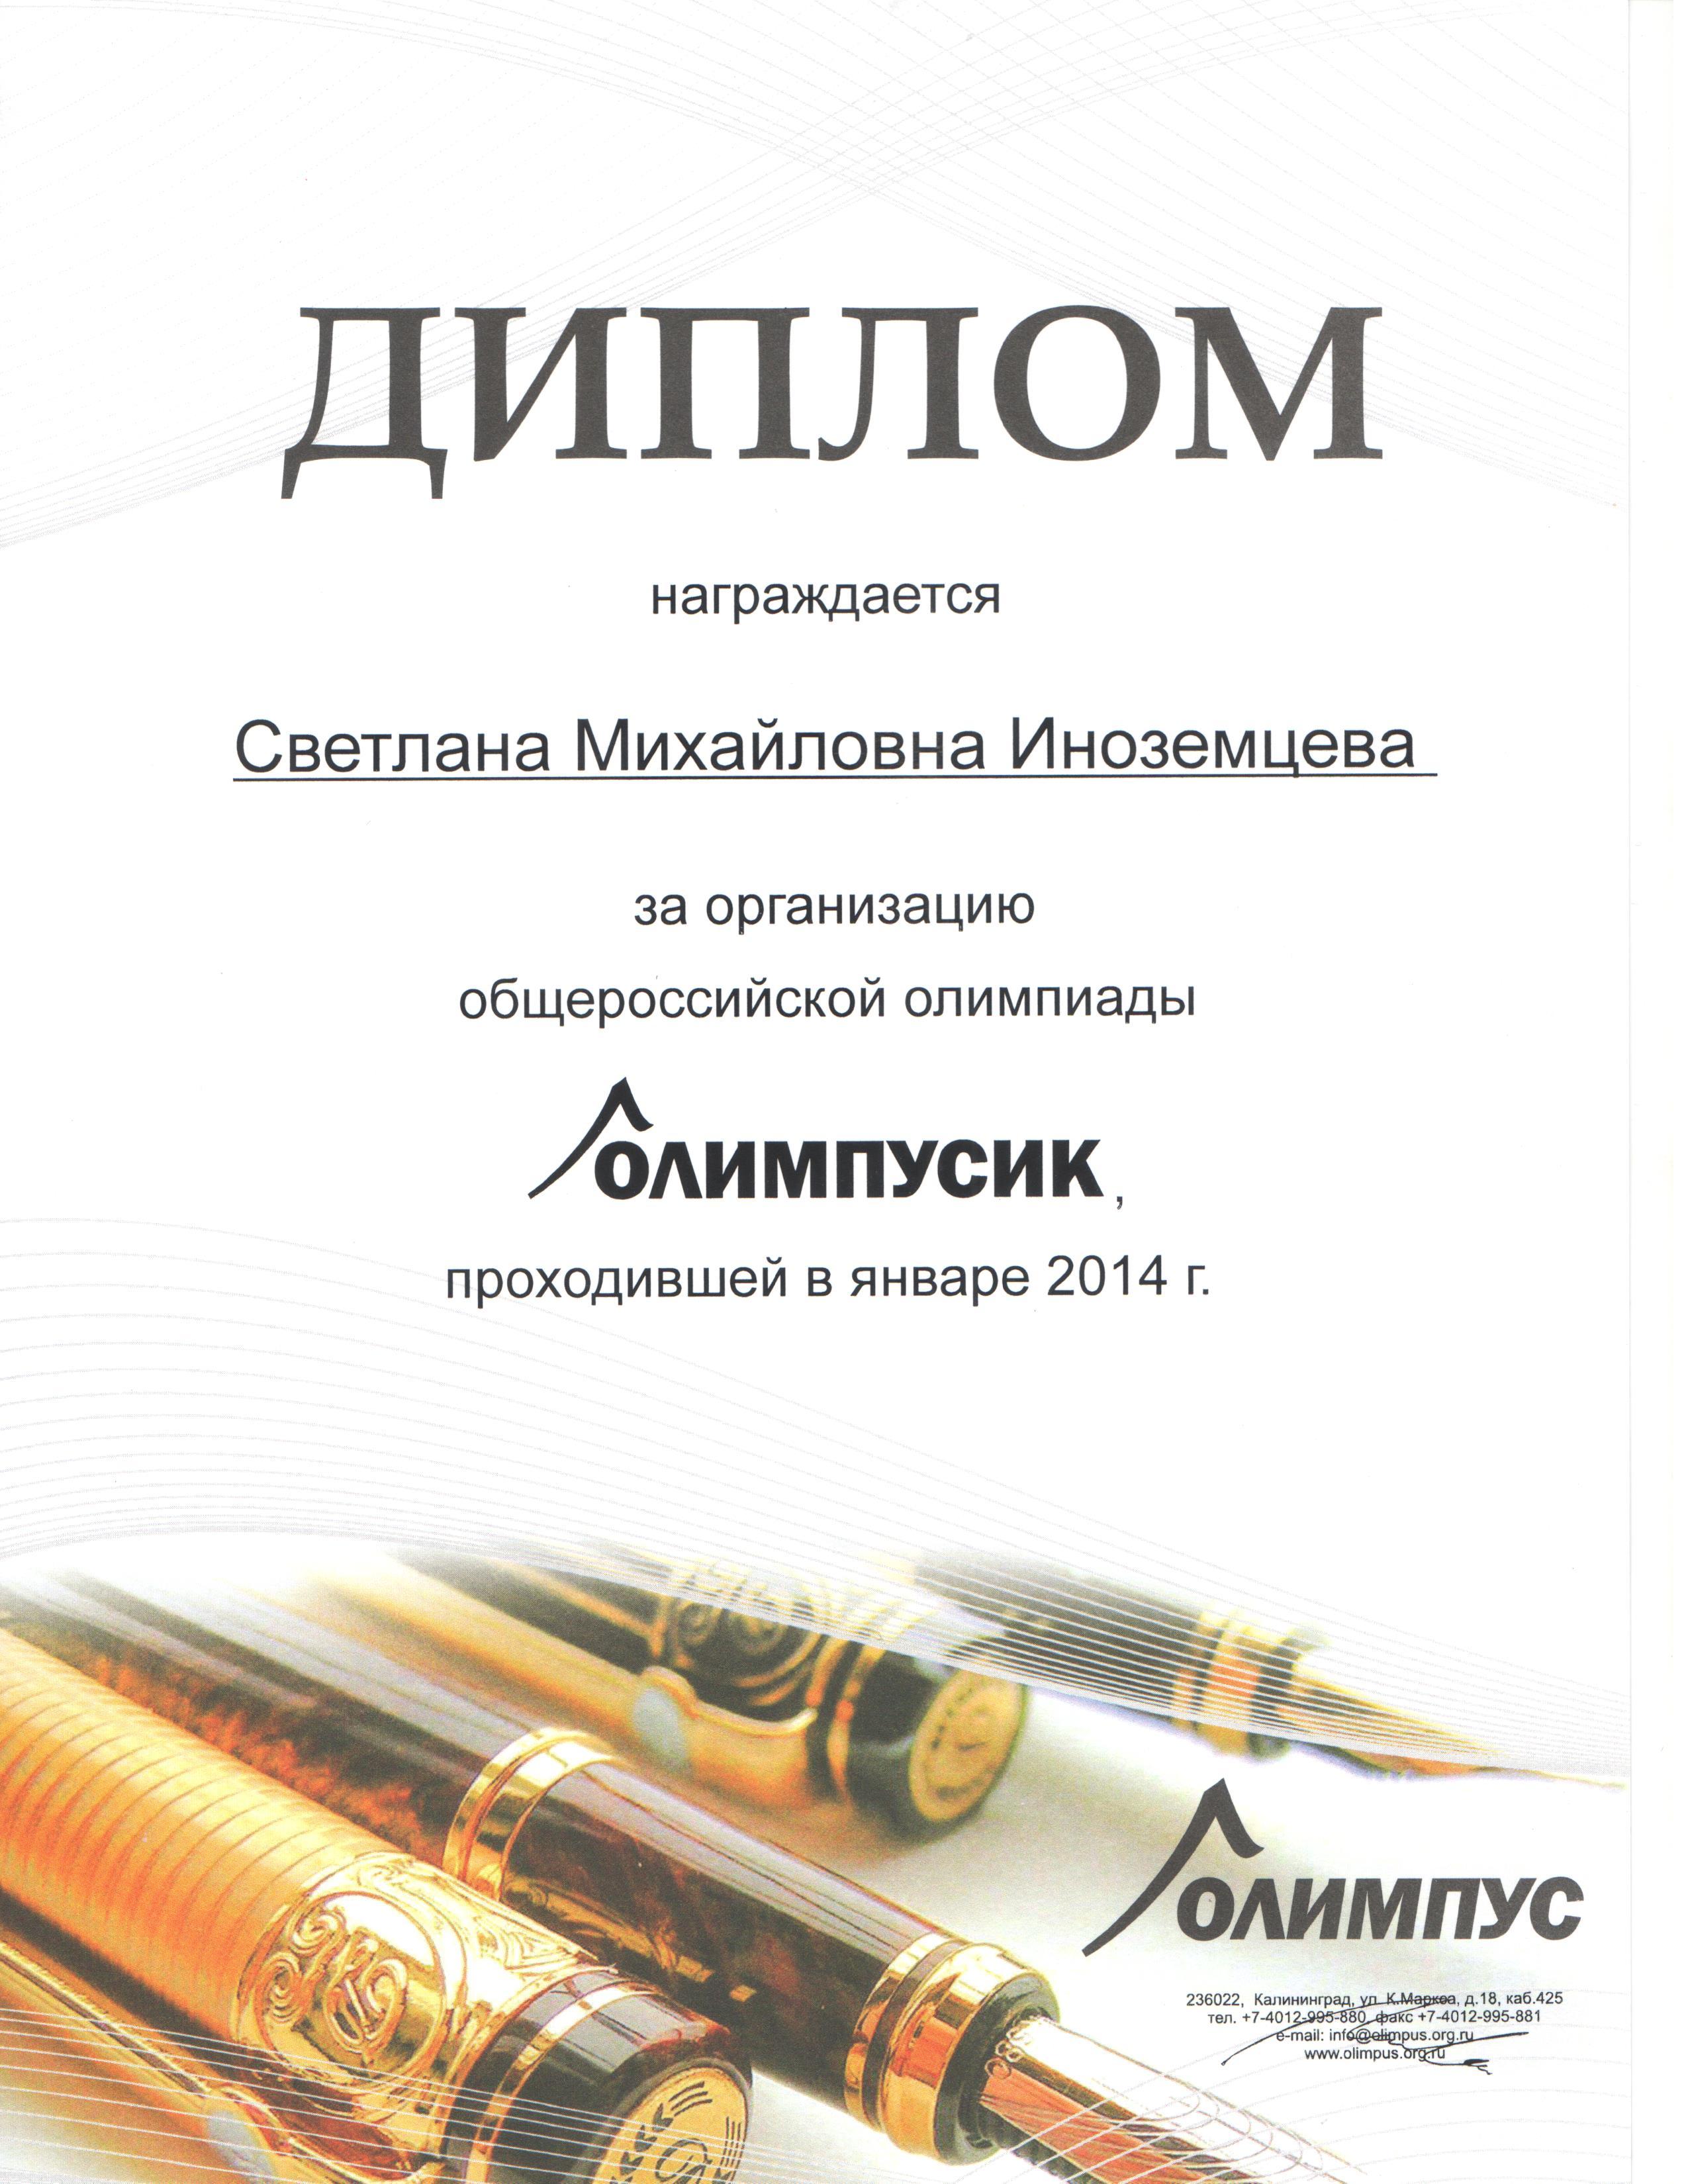 """Диплом за организацию общероссийской олимпиады """" Олимпусик  Диплом"""